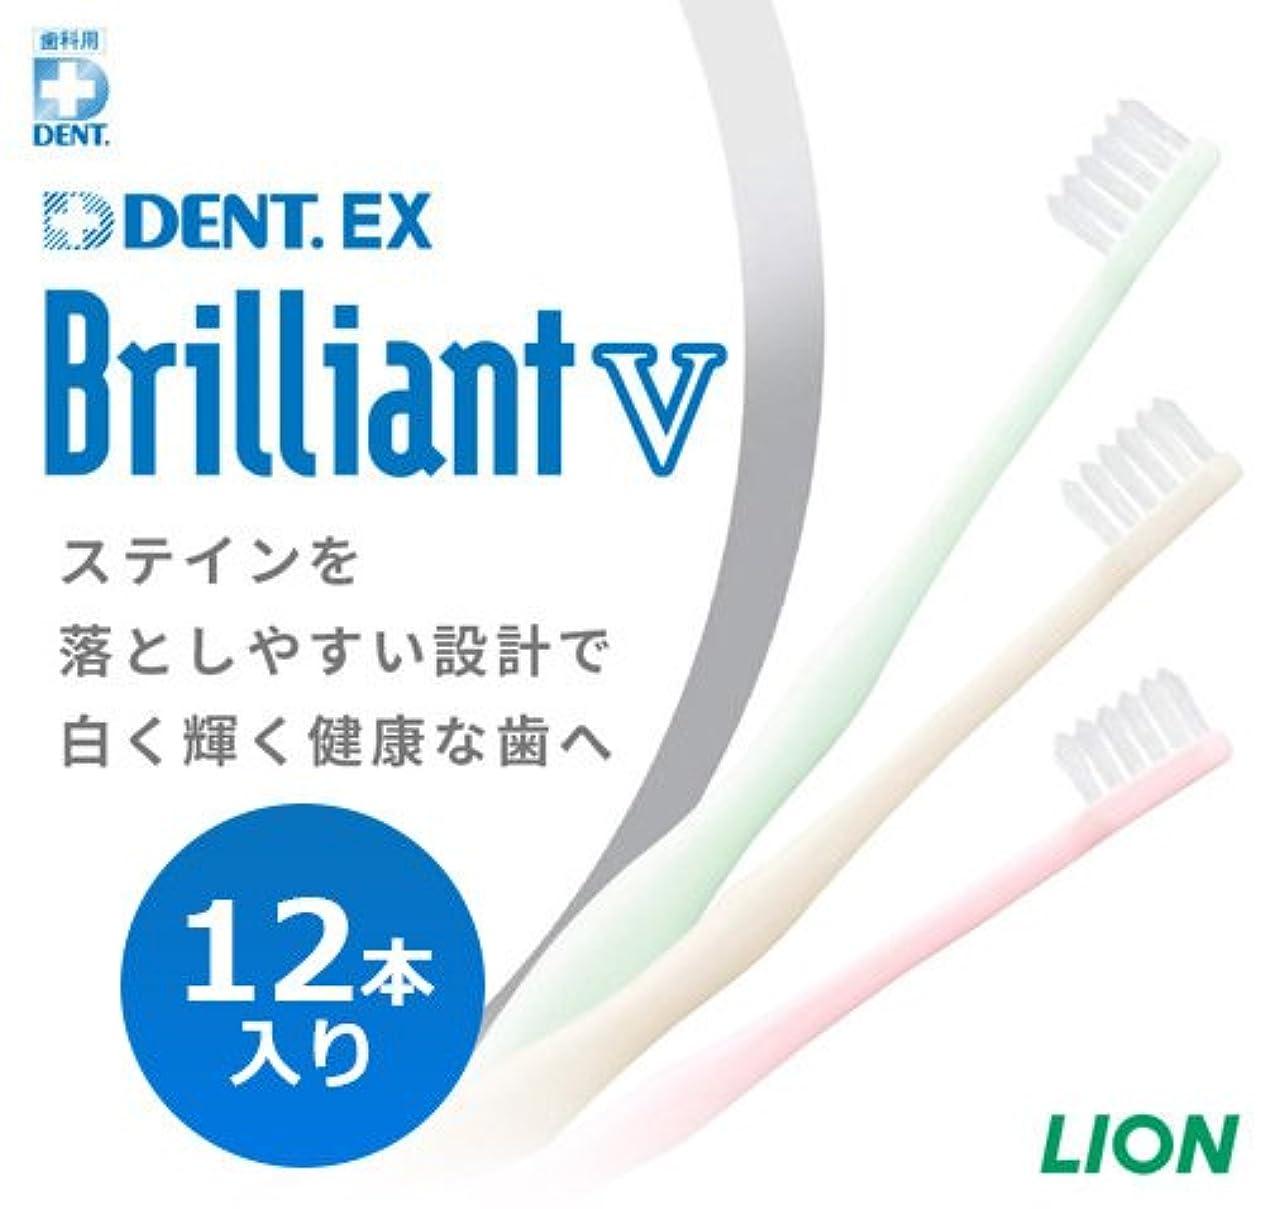 繁栄する小石フォローライオン DENT.EX ブリリアント V 歯ブラシ 12本